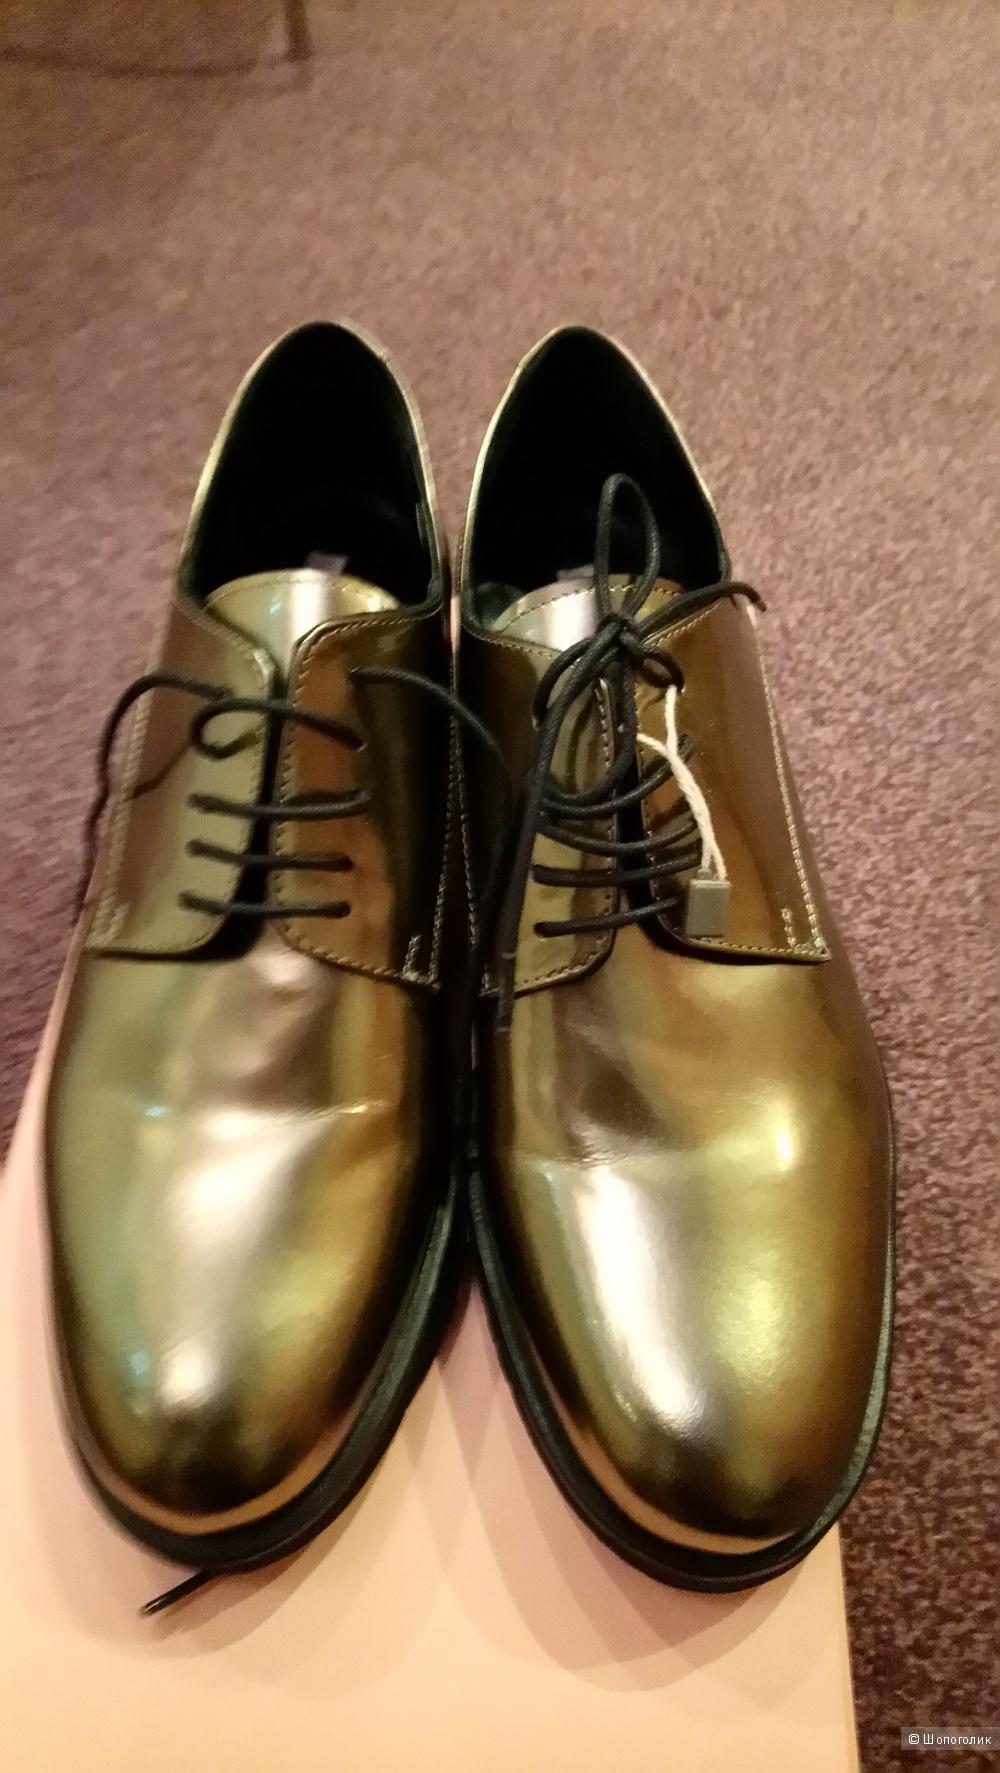 Обувь на шнуровке (оксфорды) RÊVE D'UN JOUR размер 38 европейский